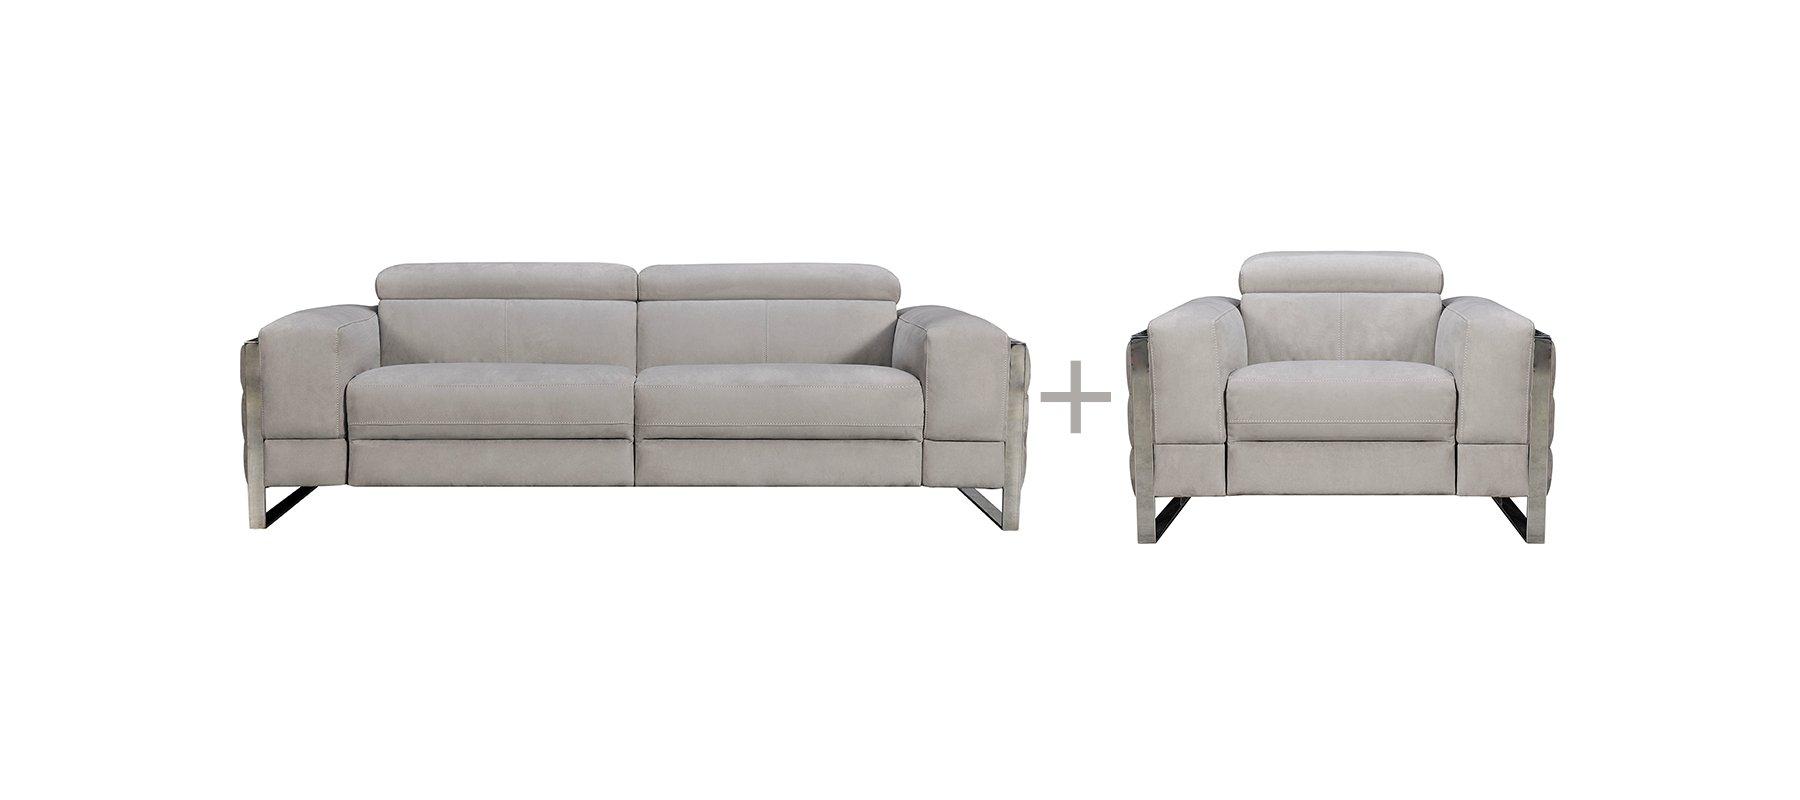 Canapé relax 3 places fixe + fauteuil 1 place relax pas chers CHARME - Largeur max 329 cm